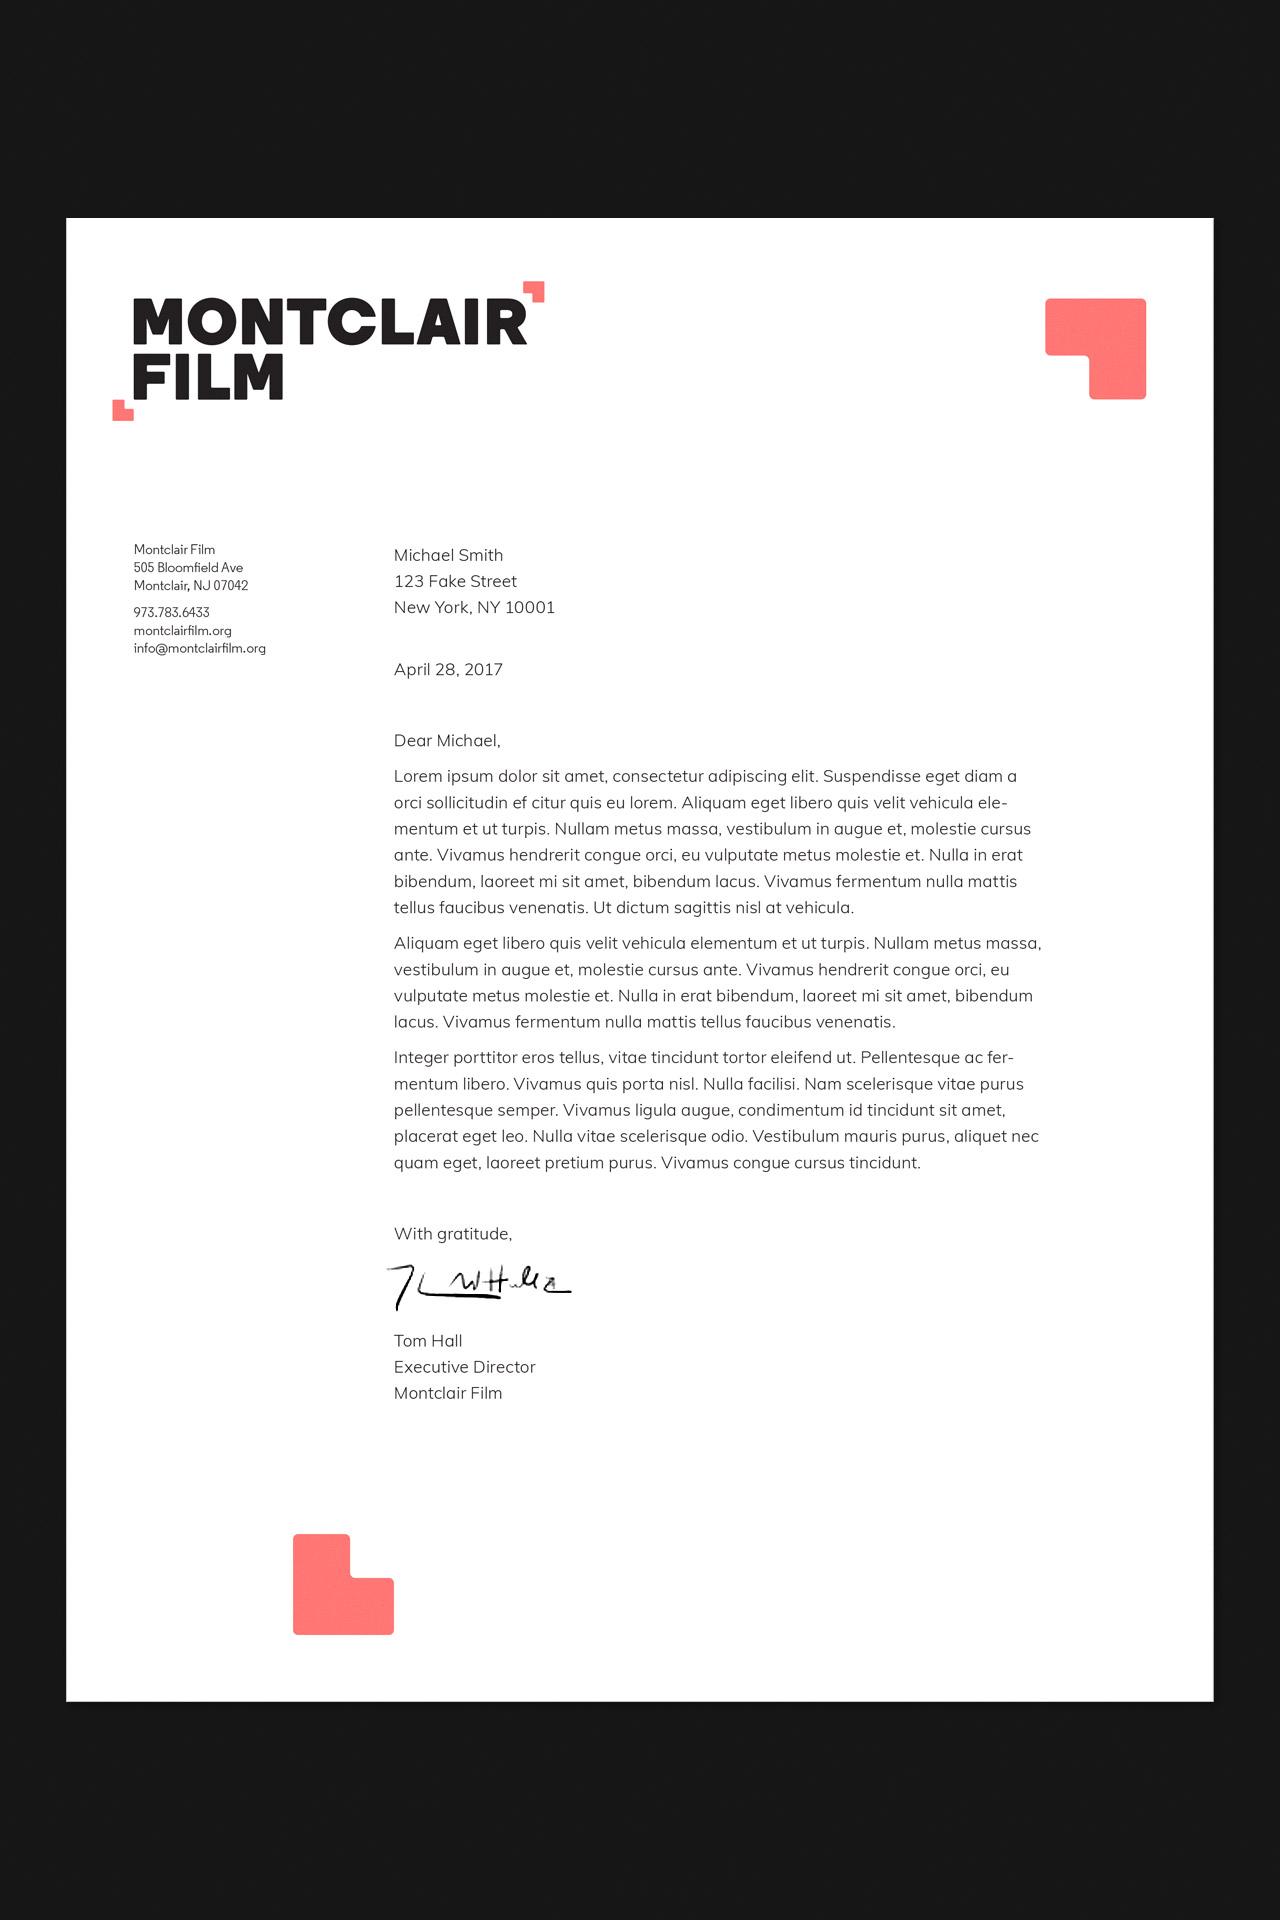 HIERONYMUS_MontclairFilm-Stationery-7